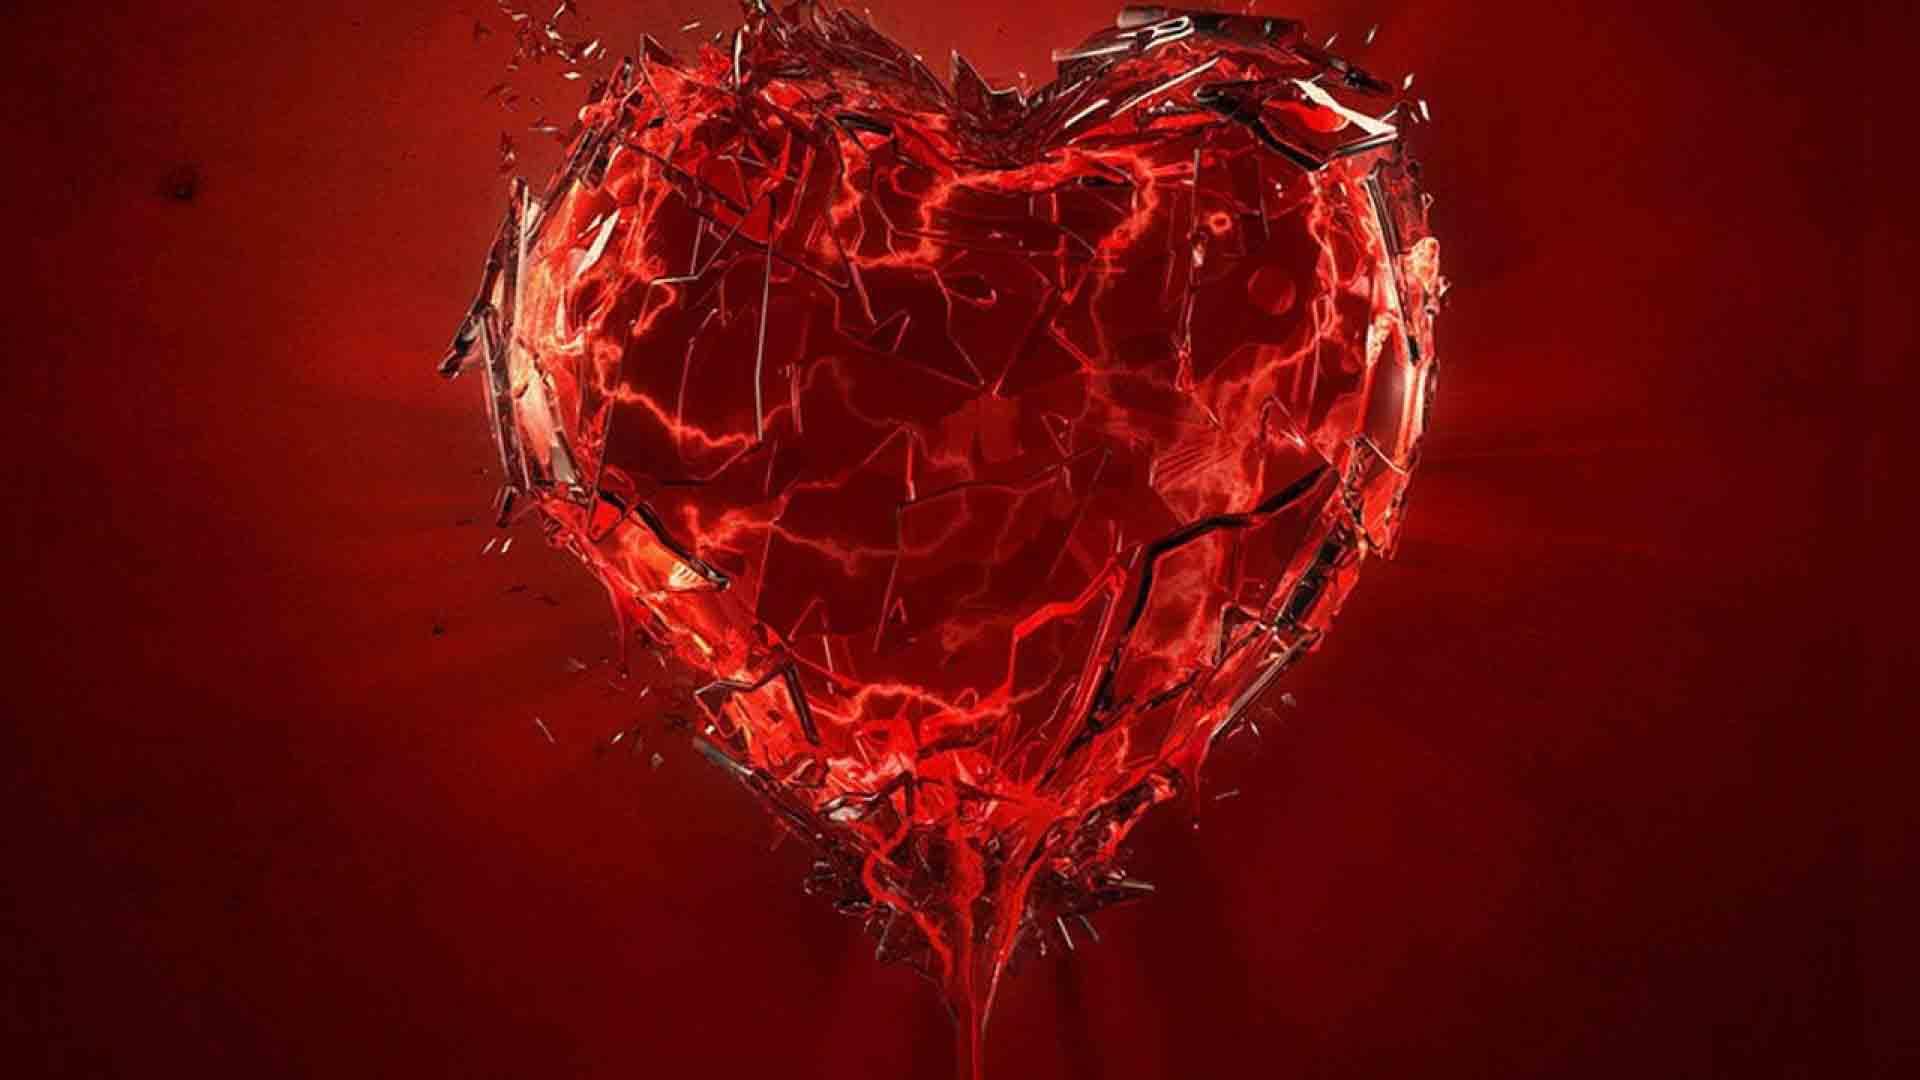 Ảnh trái tim vỡ